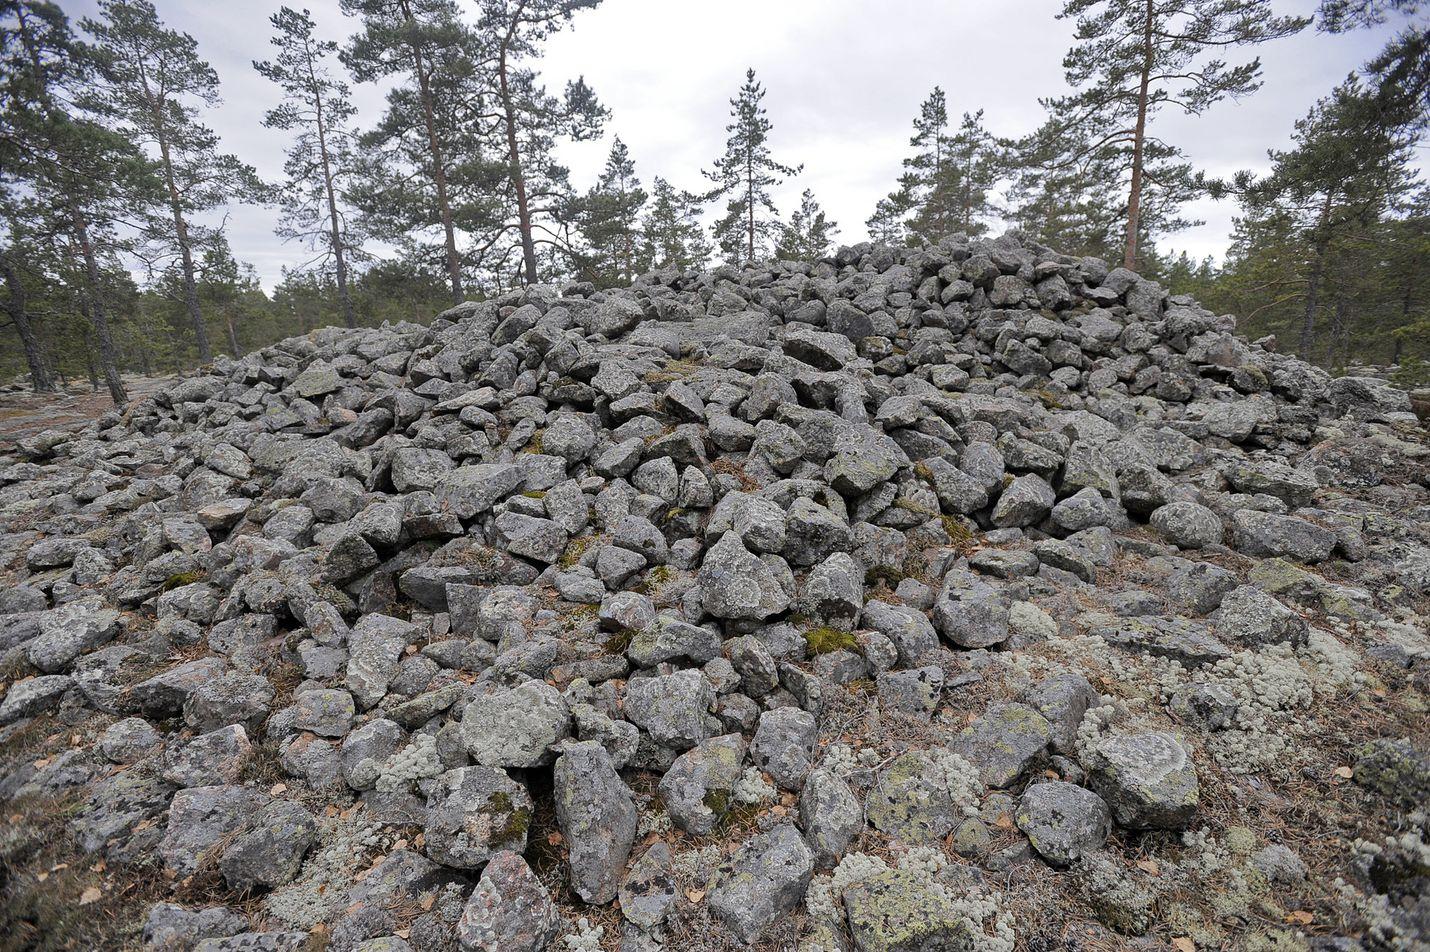 Sammallahdenmäellä kannattaa vierailla heinäkuussa, jolloin siellä päivystää opas. Kuva: LS-arkisto/Pekka Lehmuskallio